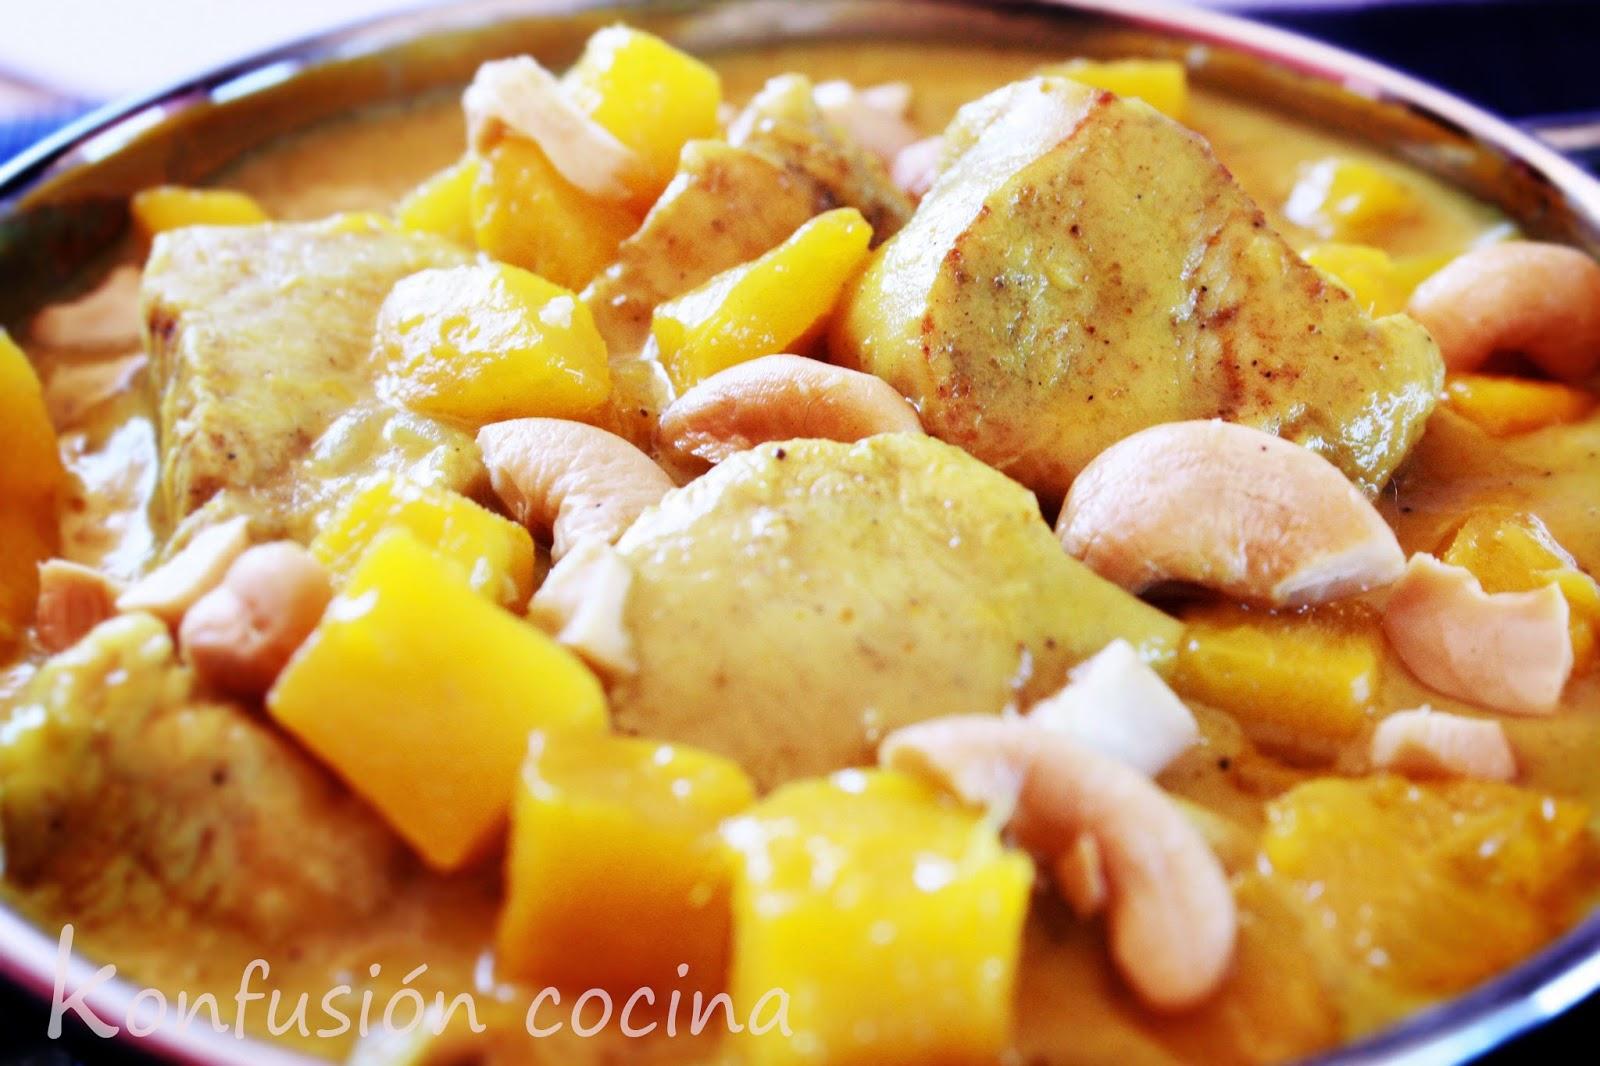 MANGUE Curry de poulet crème de coco SUCRE BRUN LIMA délicieux CREME FRAICHE SPICY Indu ACIDE DOUX ORIENTAL nourriture épicée FACILE